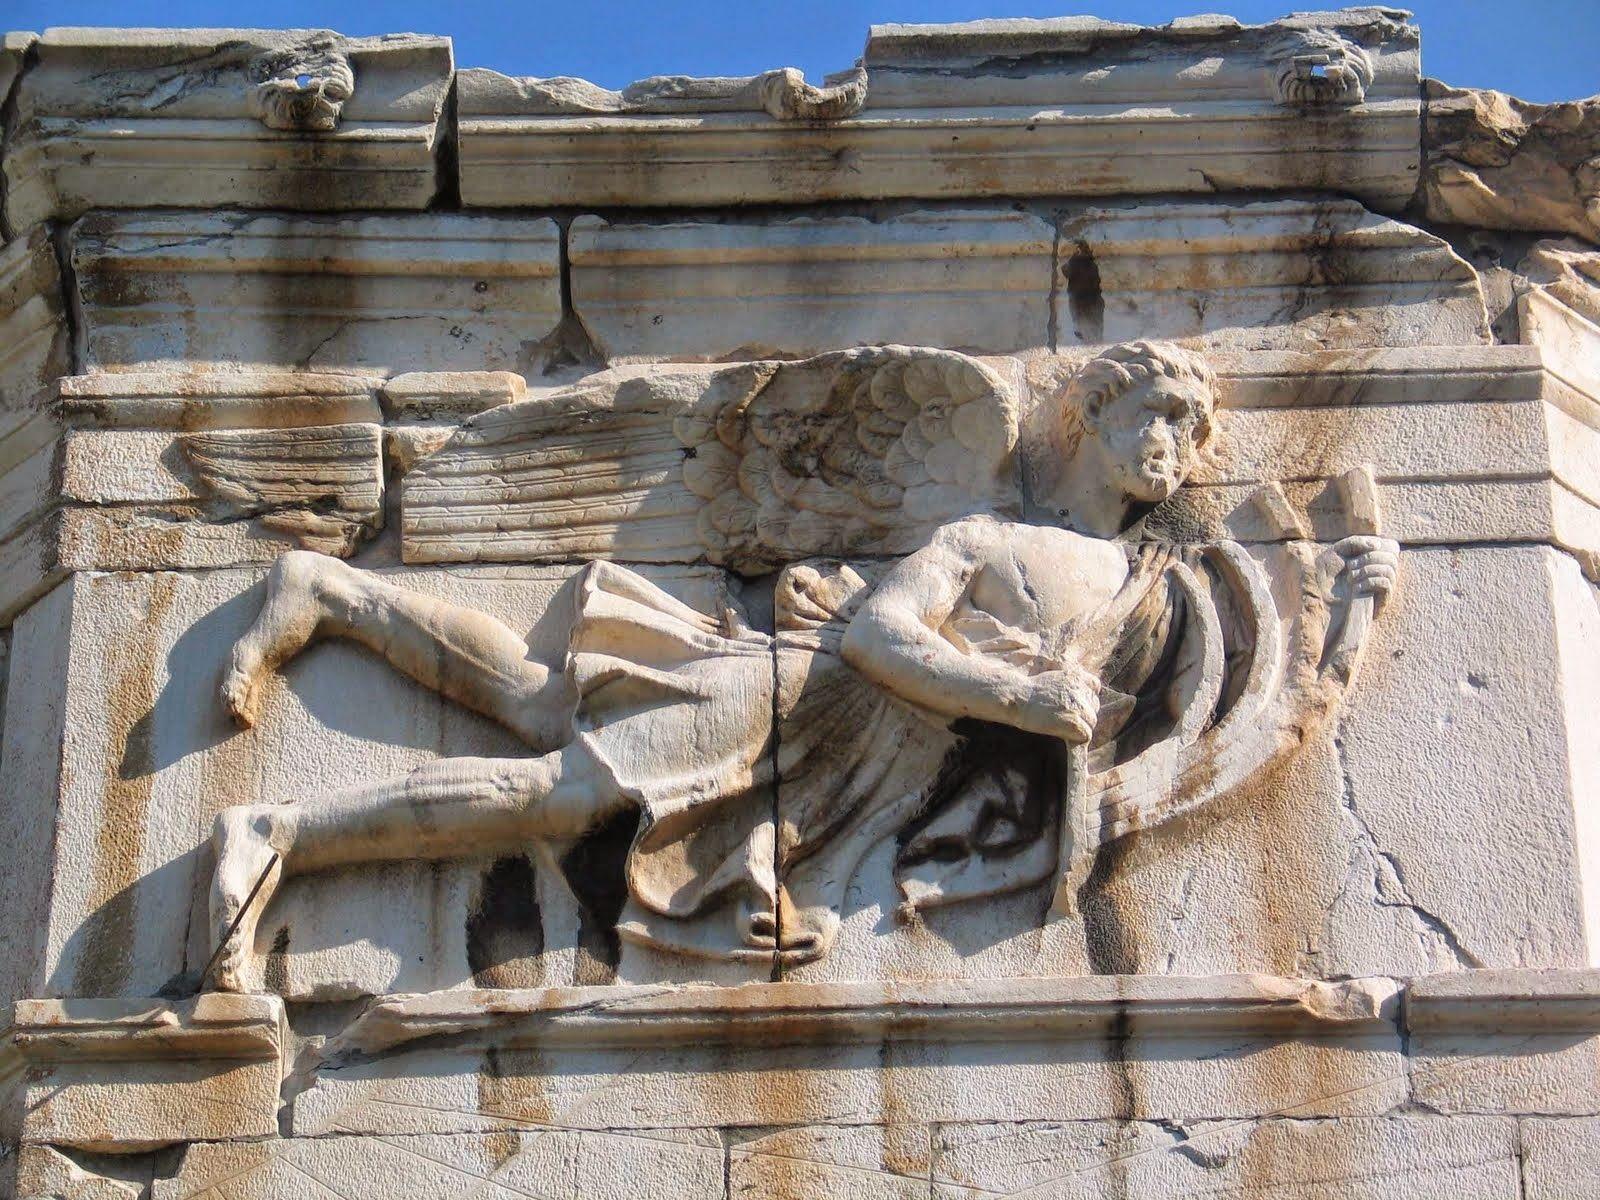 Ωρολόγιο του Κυρρήστου-Ο αρχαιότερος μετεωρολογικός – ωρομετρικός σταθμός  του κόσμου. ~ a4ebf00ac3e